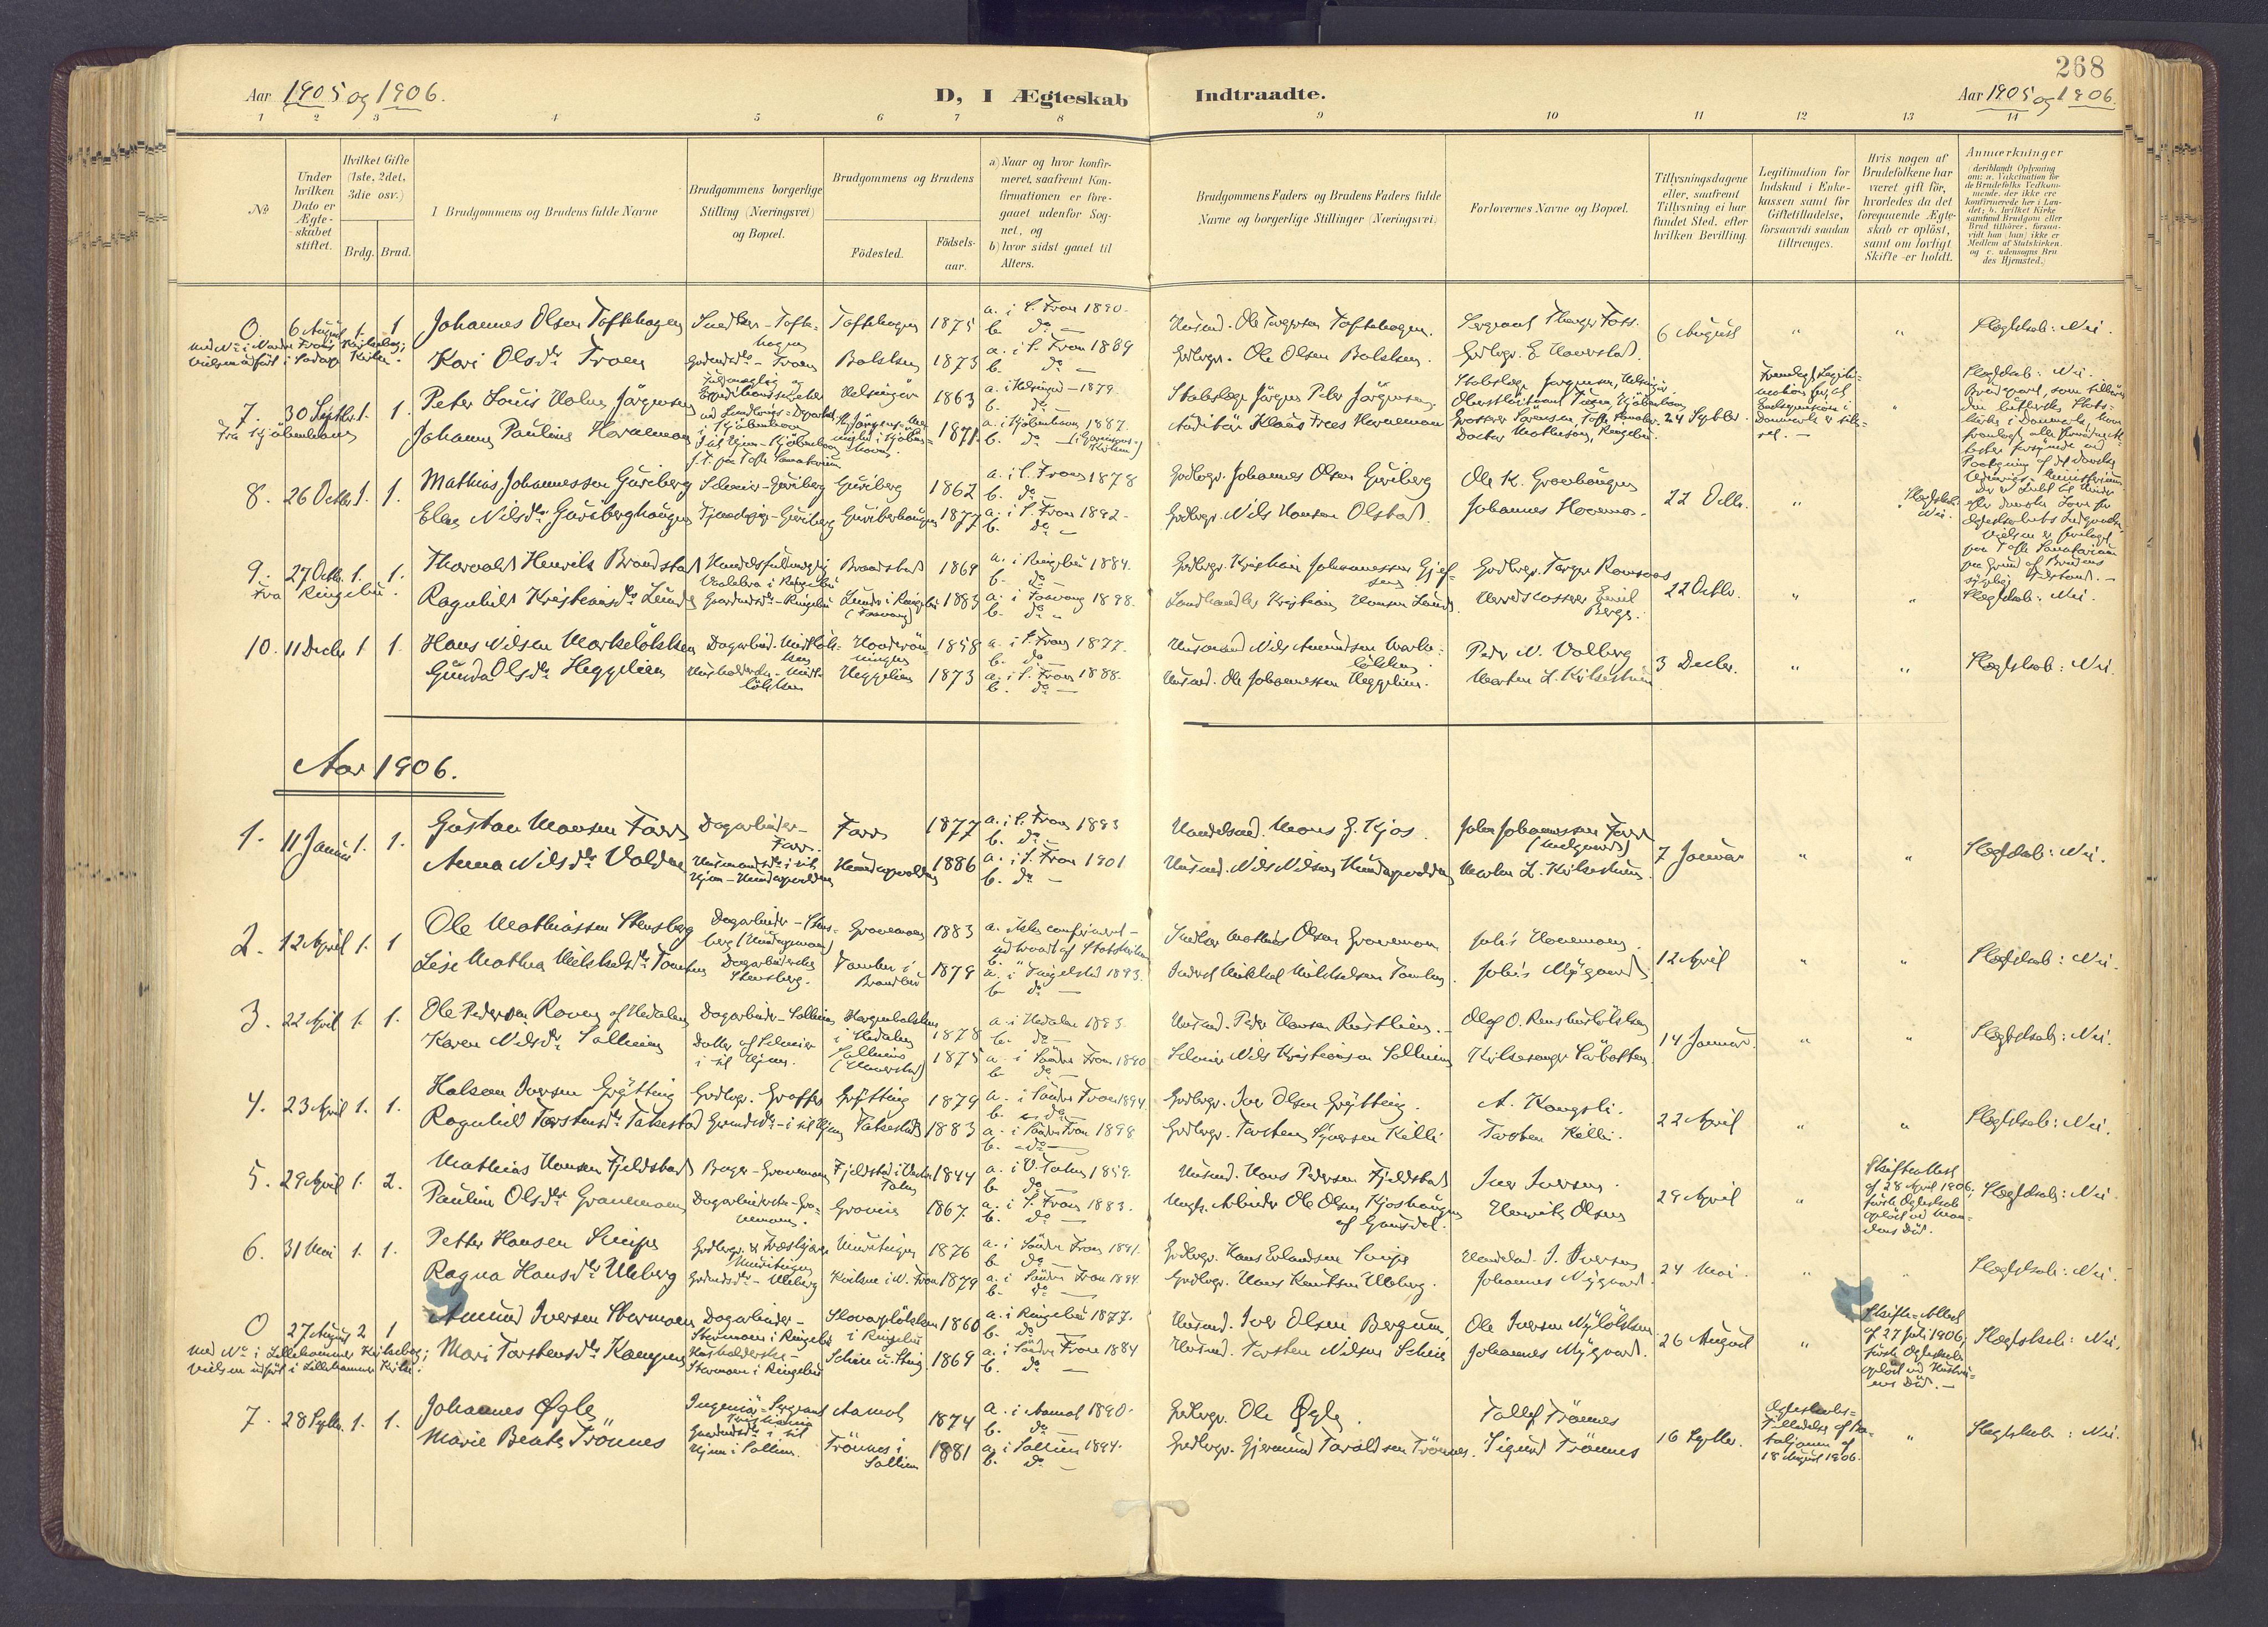 SAH, Sør-Fron prestekontor, H/Ha/Haa/L0004: Ministerialbok nr. 4, 1898-1919, s. 268